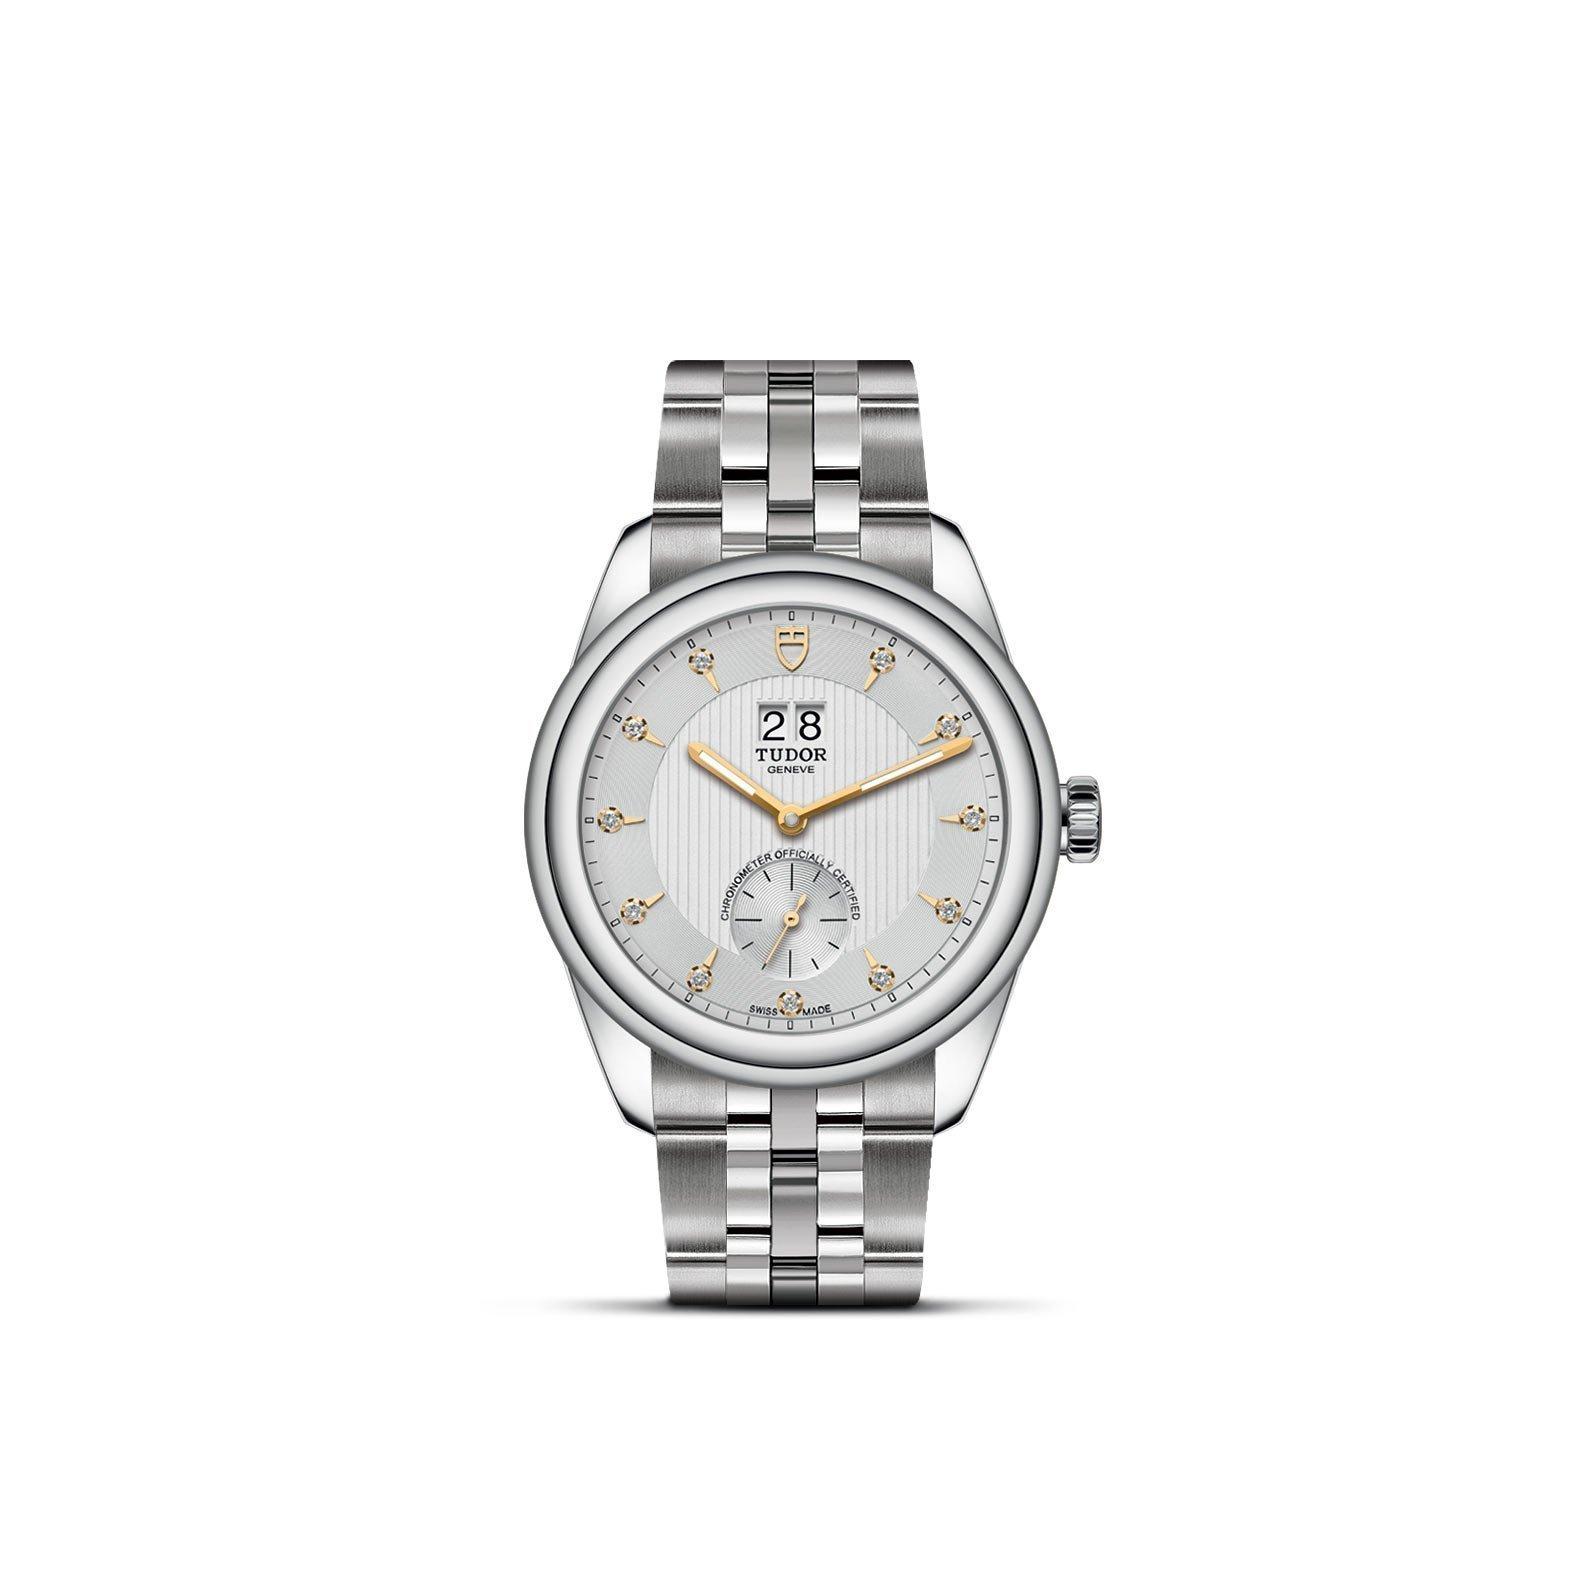 Montre TUDOR Glamour Double Date boîtier en acier, 42mm, cadran serti de diamants vue 1